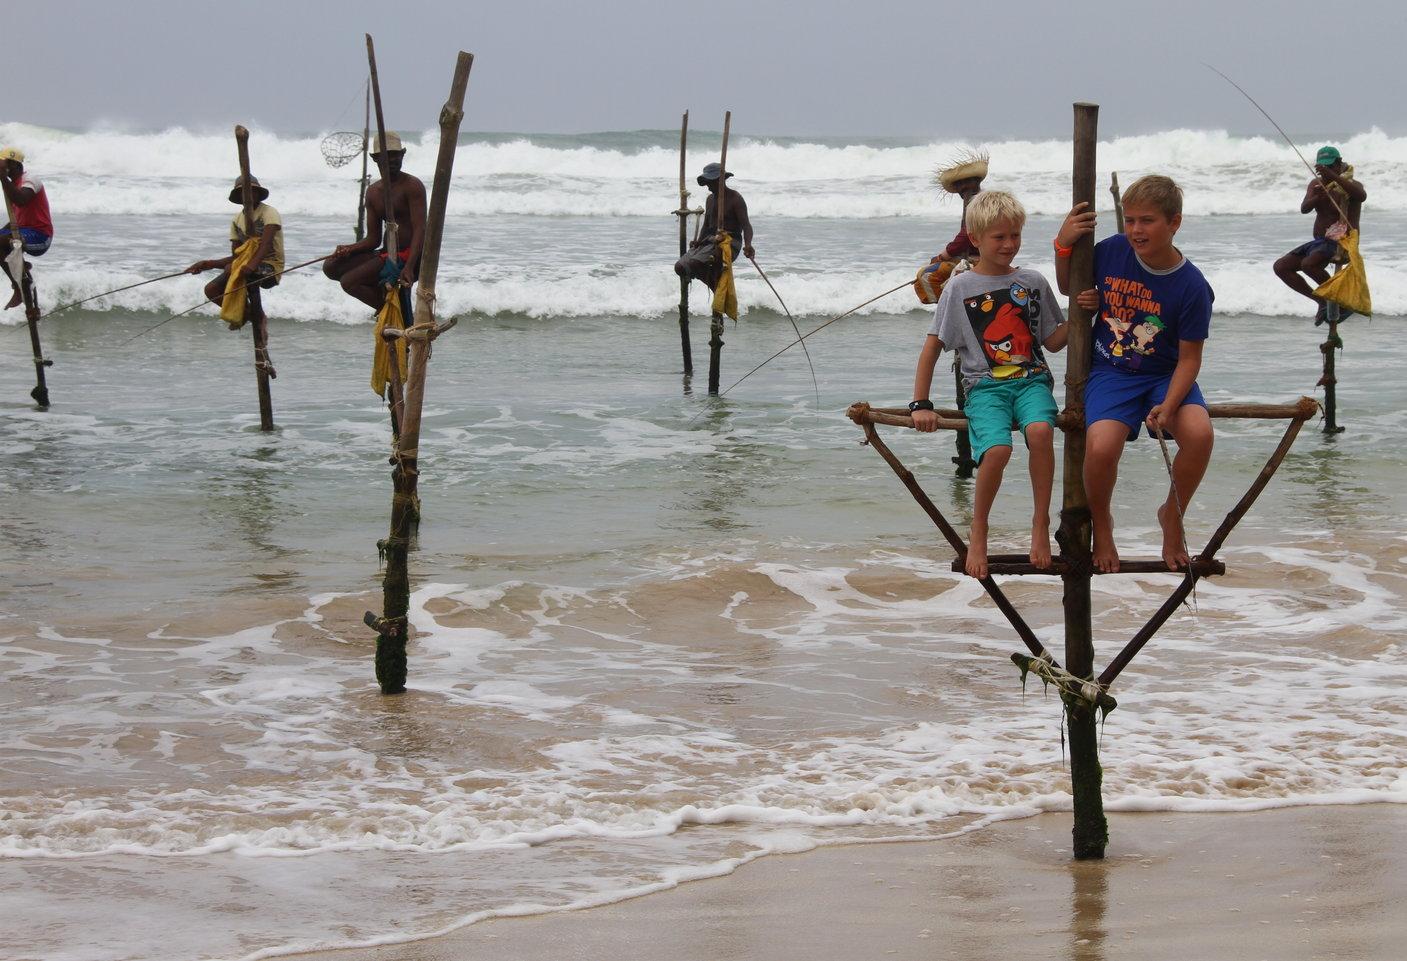 Sri Lanka paalvissers met kinderen